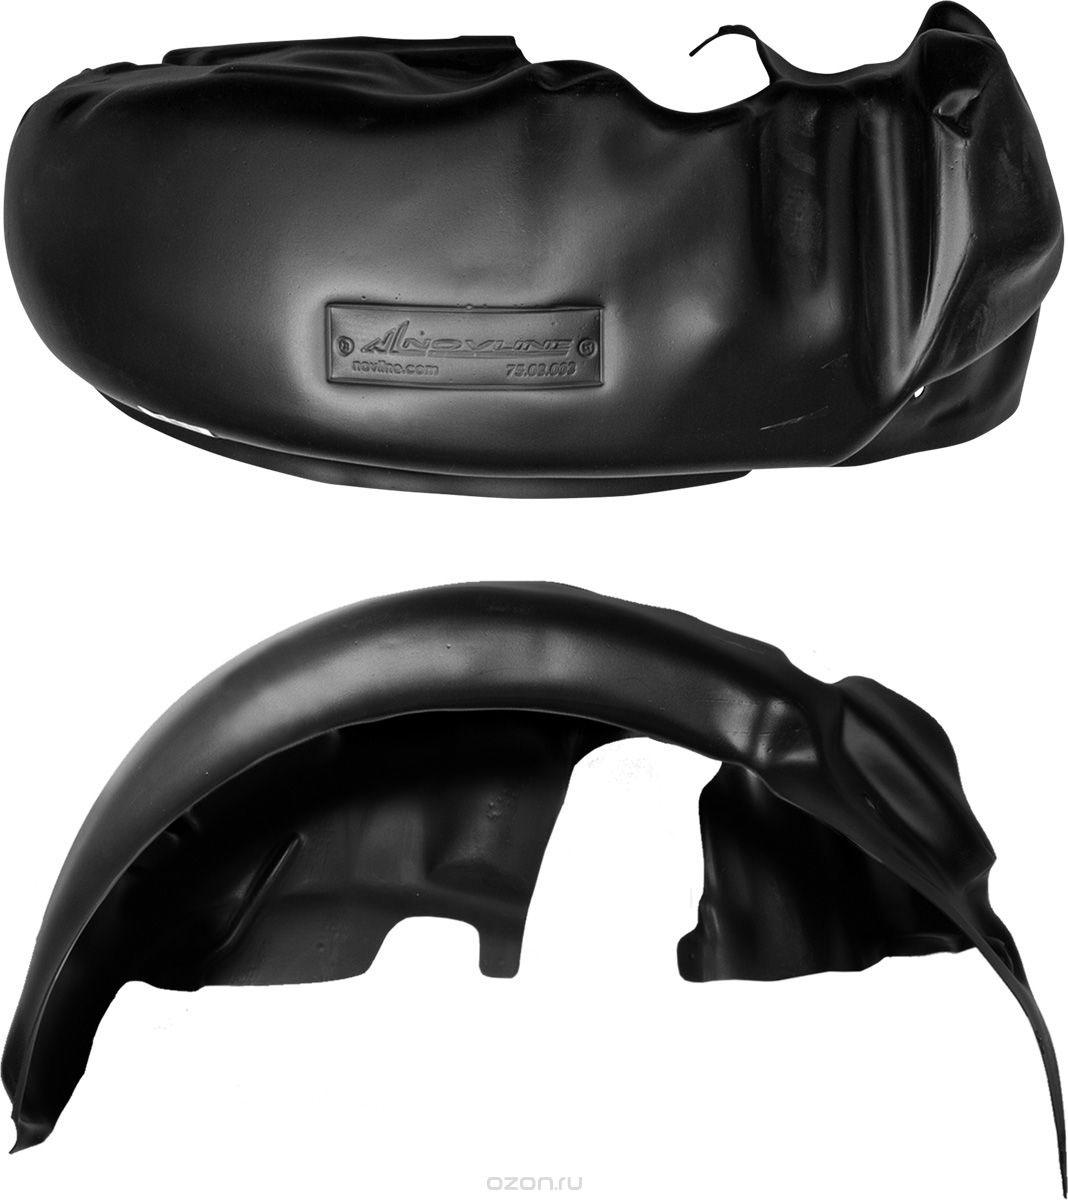 Подкрылок Novline-Autofamily, для Toyota Highlander, 2013->, задний правыйNLL.48.58.004Идеальная защита колесной ниши. Локеры разработаны с применением цифровых технологий, гарантируют максимальную повторяемость поверхности арки. Изделия устанавливаются без нарушения лакокрасочного покрытия автомобиля, каждый подкрылок комплектуется крепежом. Уважаемые клиенты, обращаем ваше внимание, что фотографии на подкрылки универсальные и не отражают реальную форму изделия. При этом само изделие идет точно под размер указанного автомобиля.